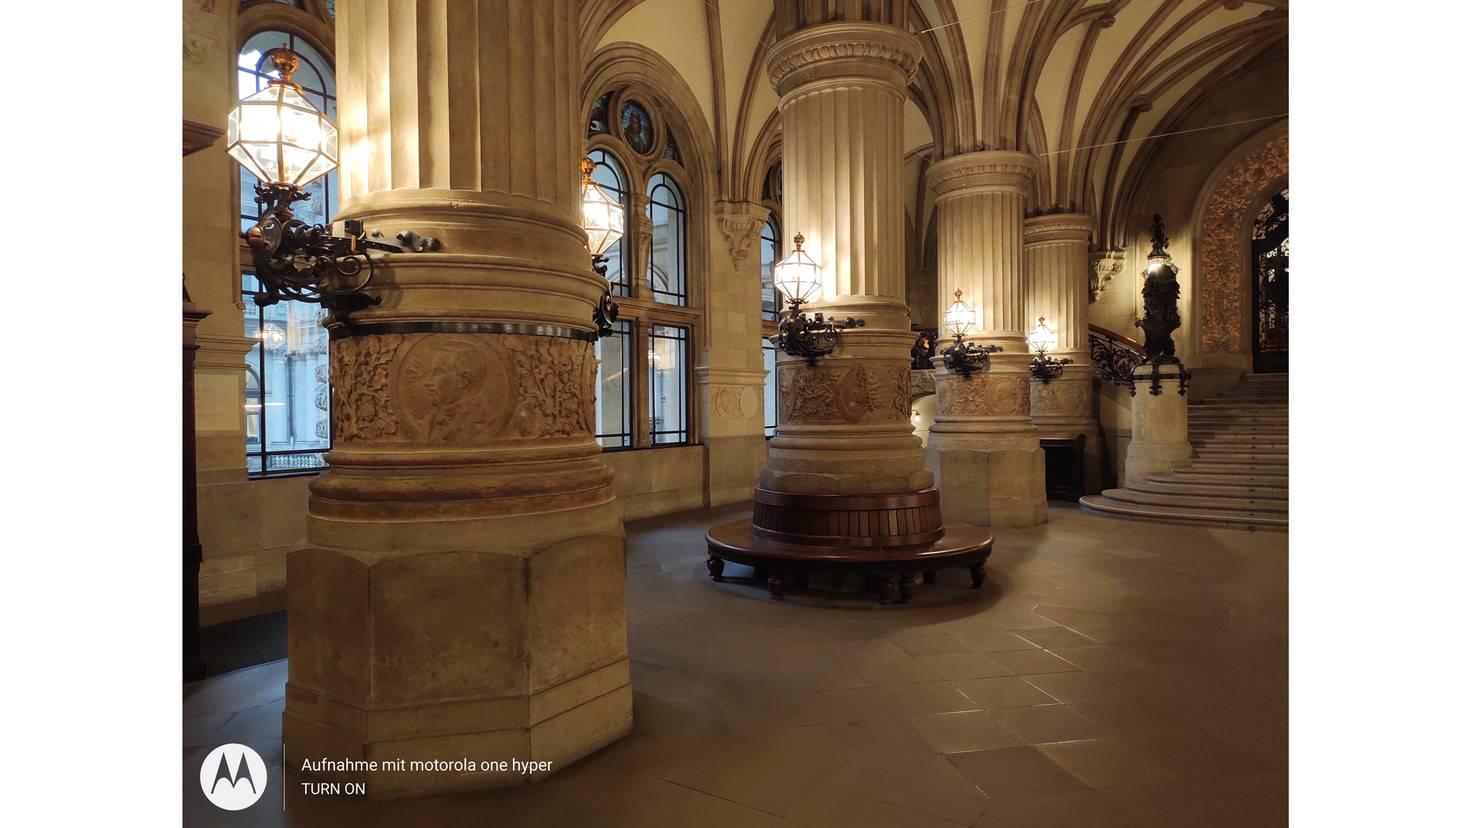 Die 64-Megapixel-Aufnahmen eignen sich für komplexe Motive wie hier das Hamburger Rathaus.